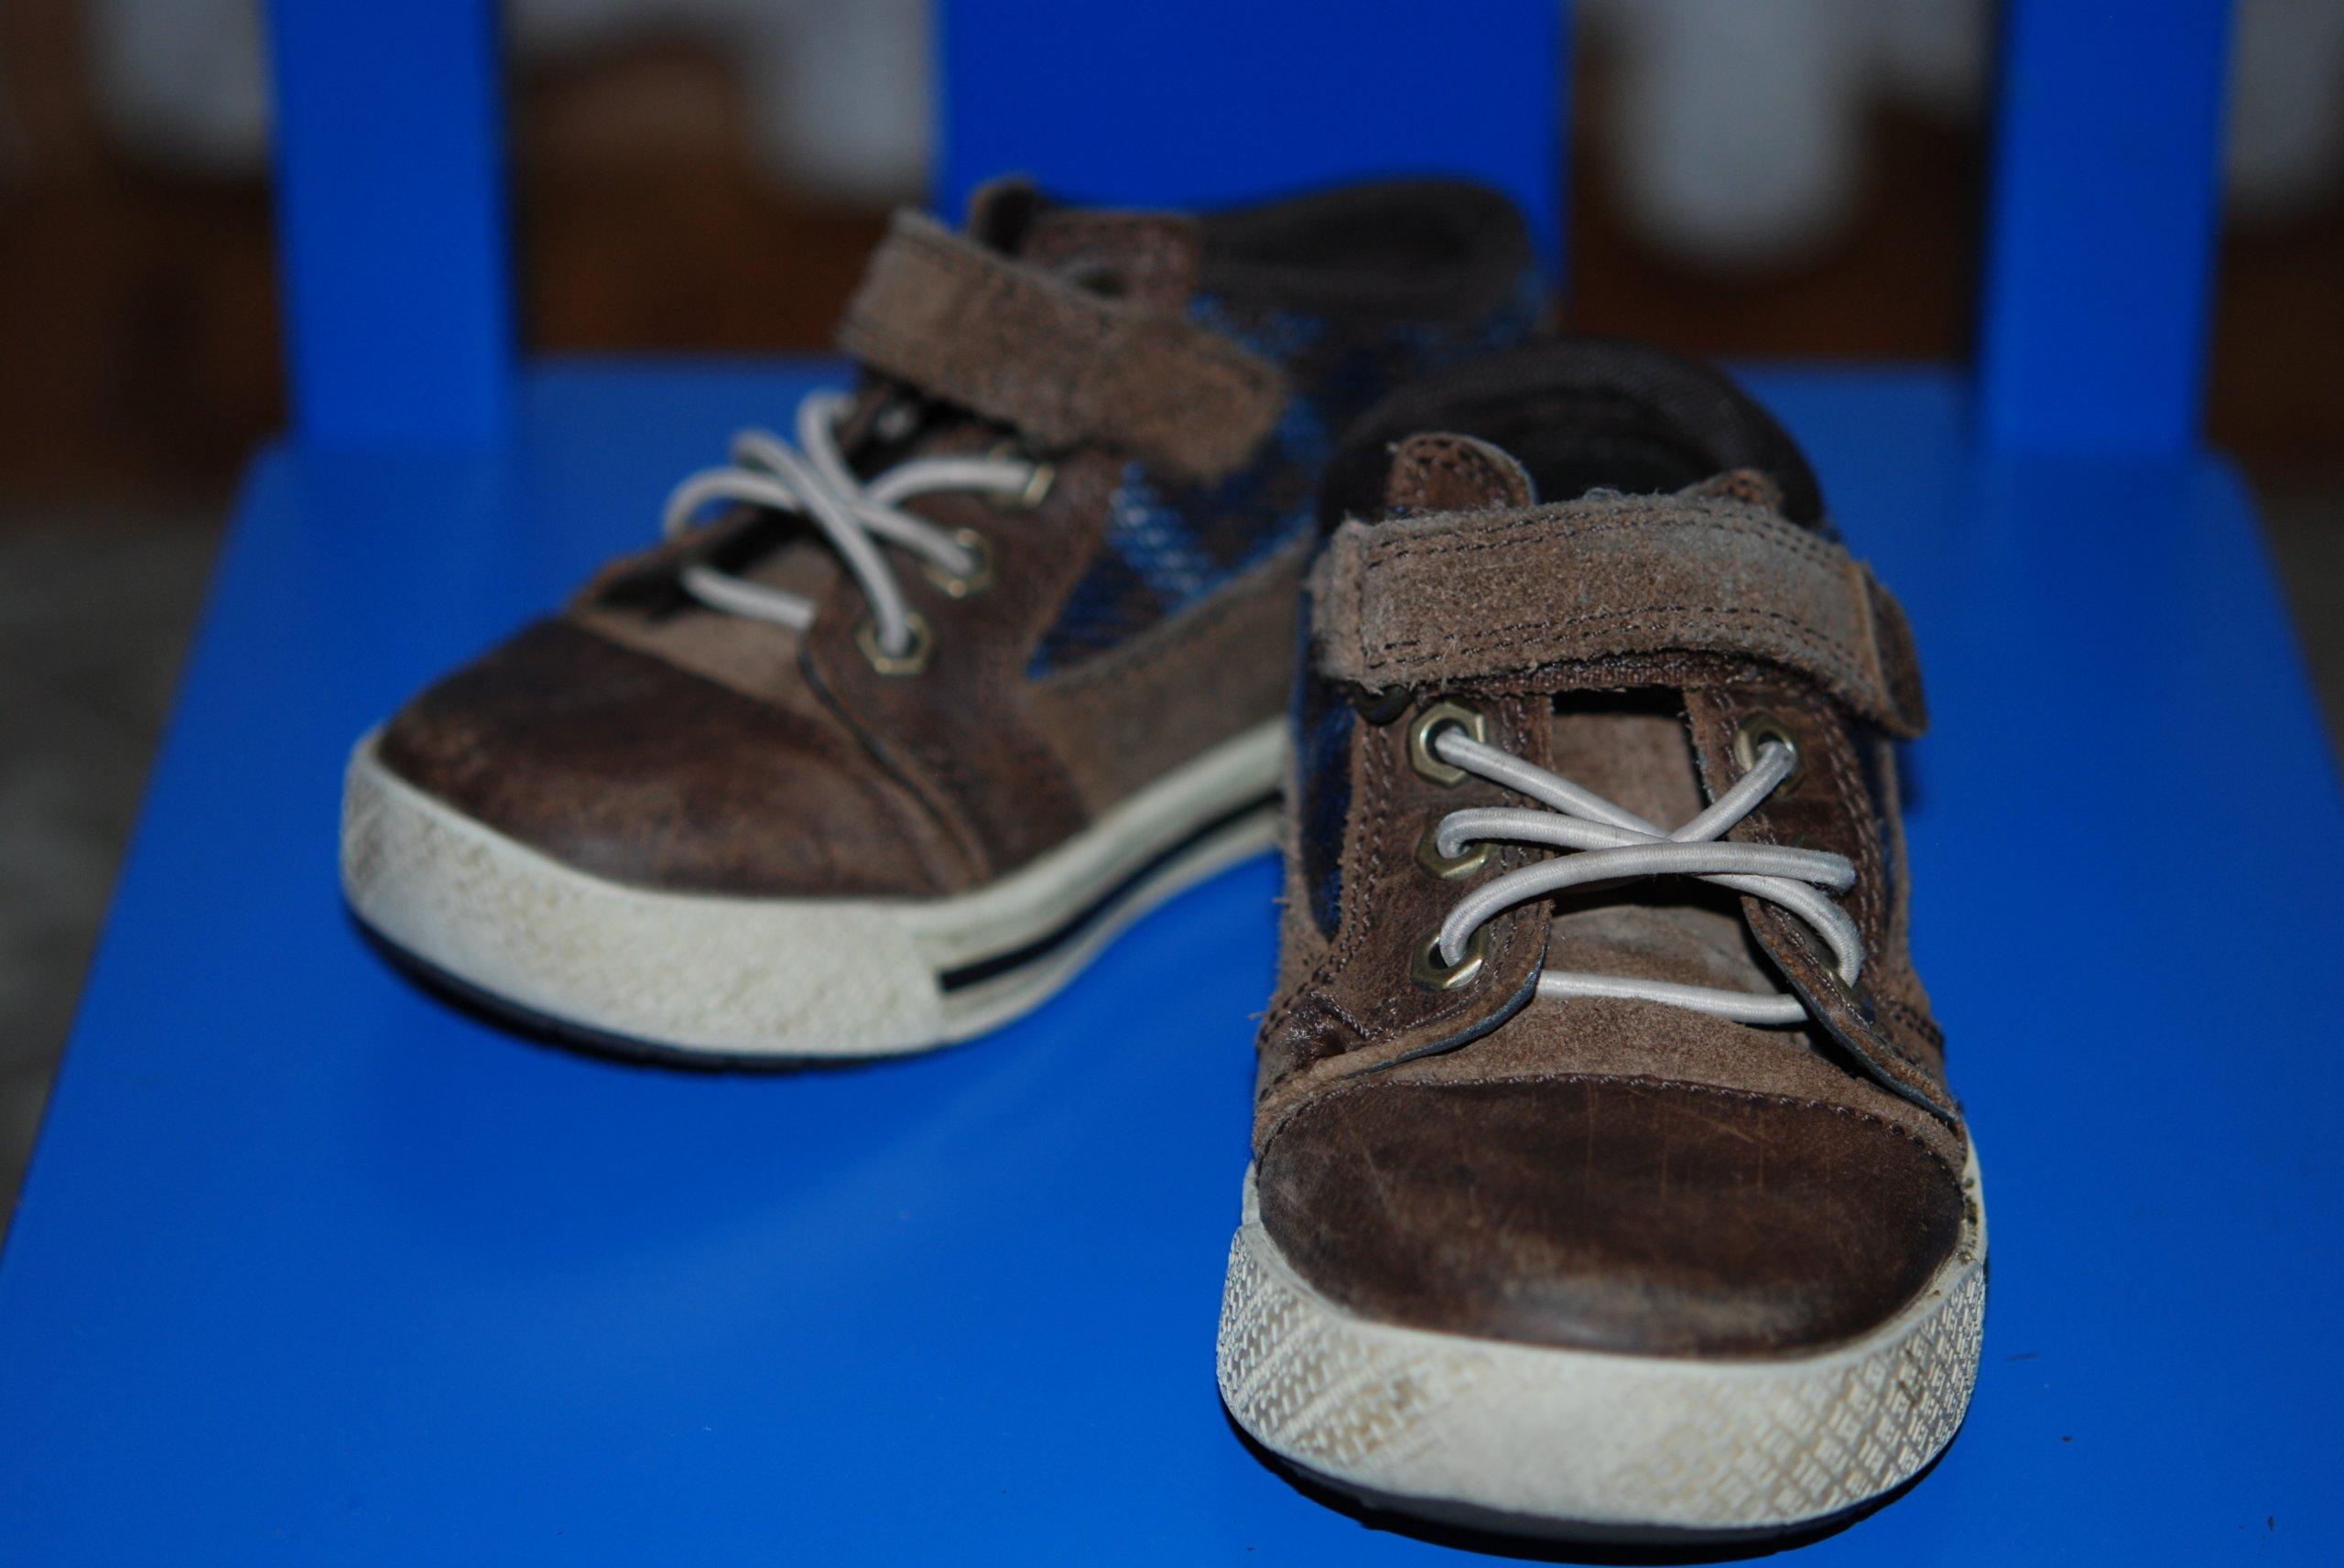 Buty chłopięce, Timberland, rozm. 25